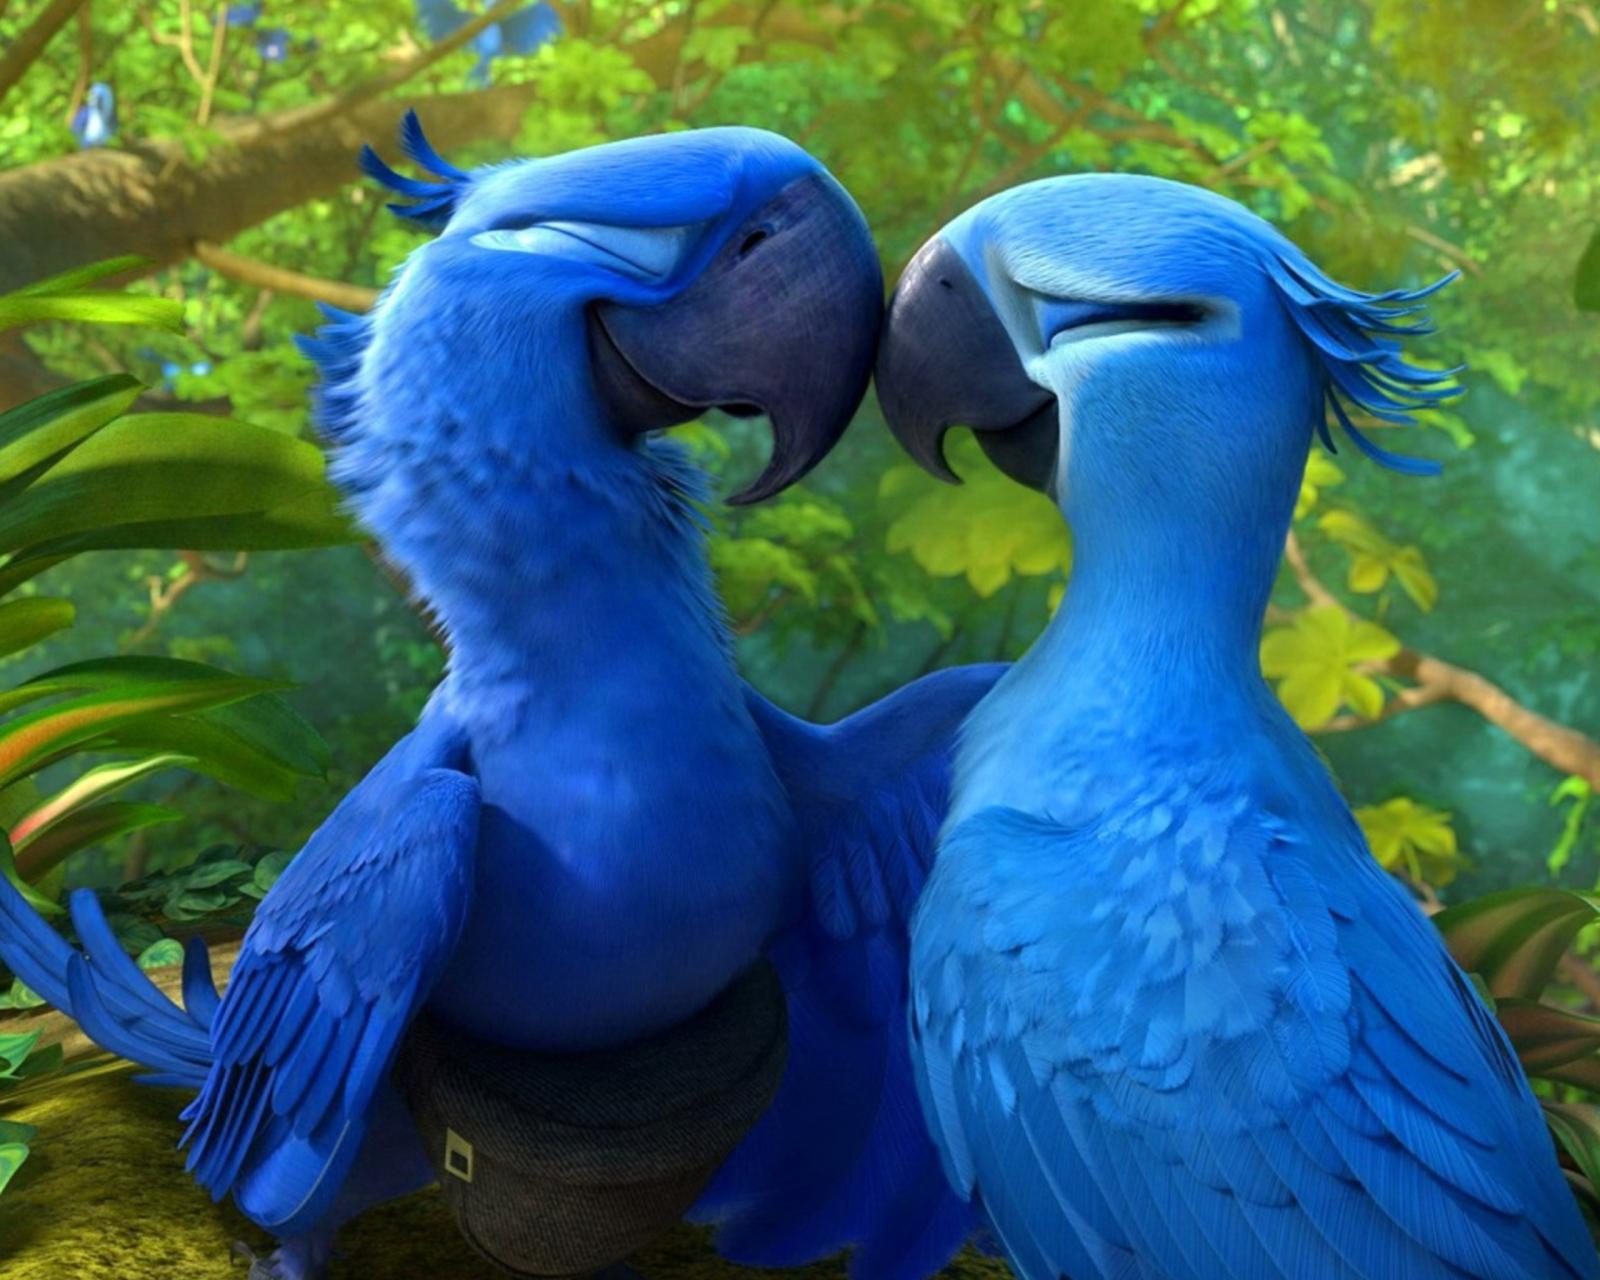 Жемчужинка и голубчик, мультфильм Рио бесплатно